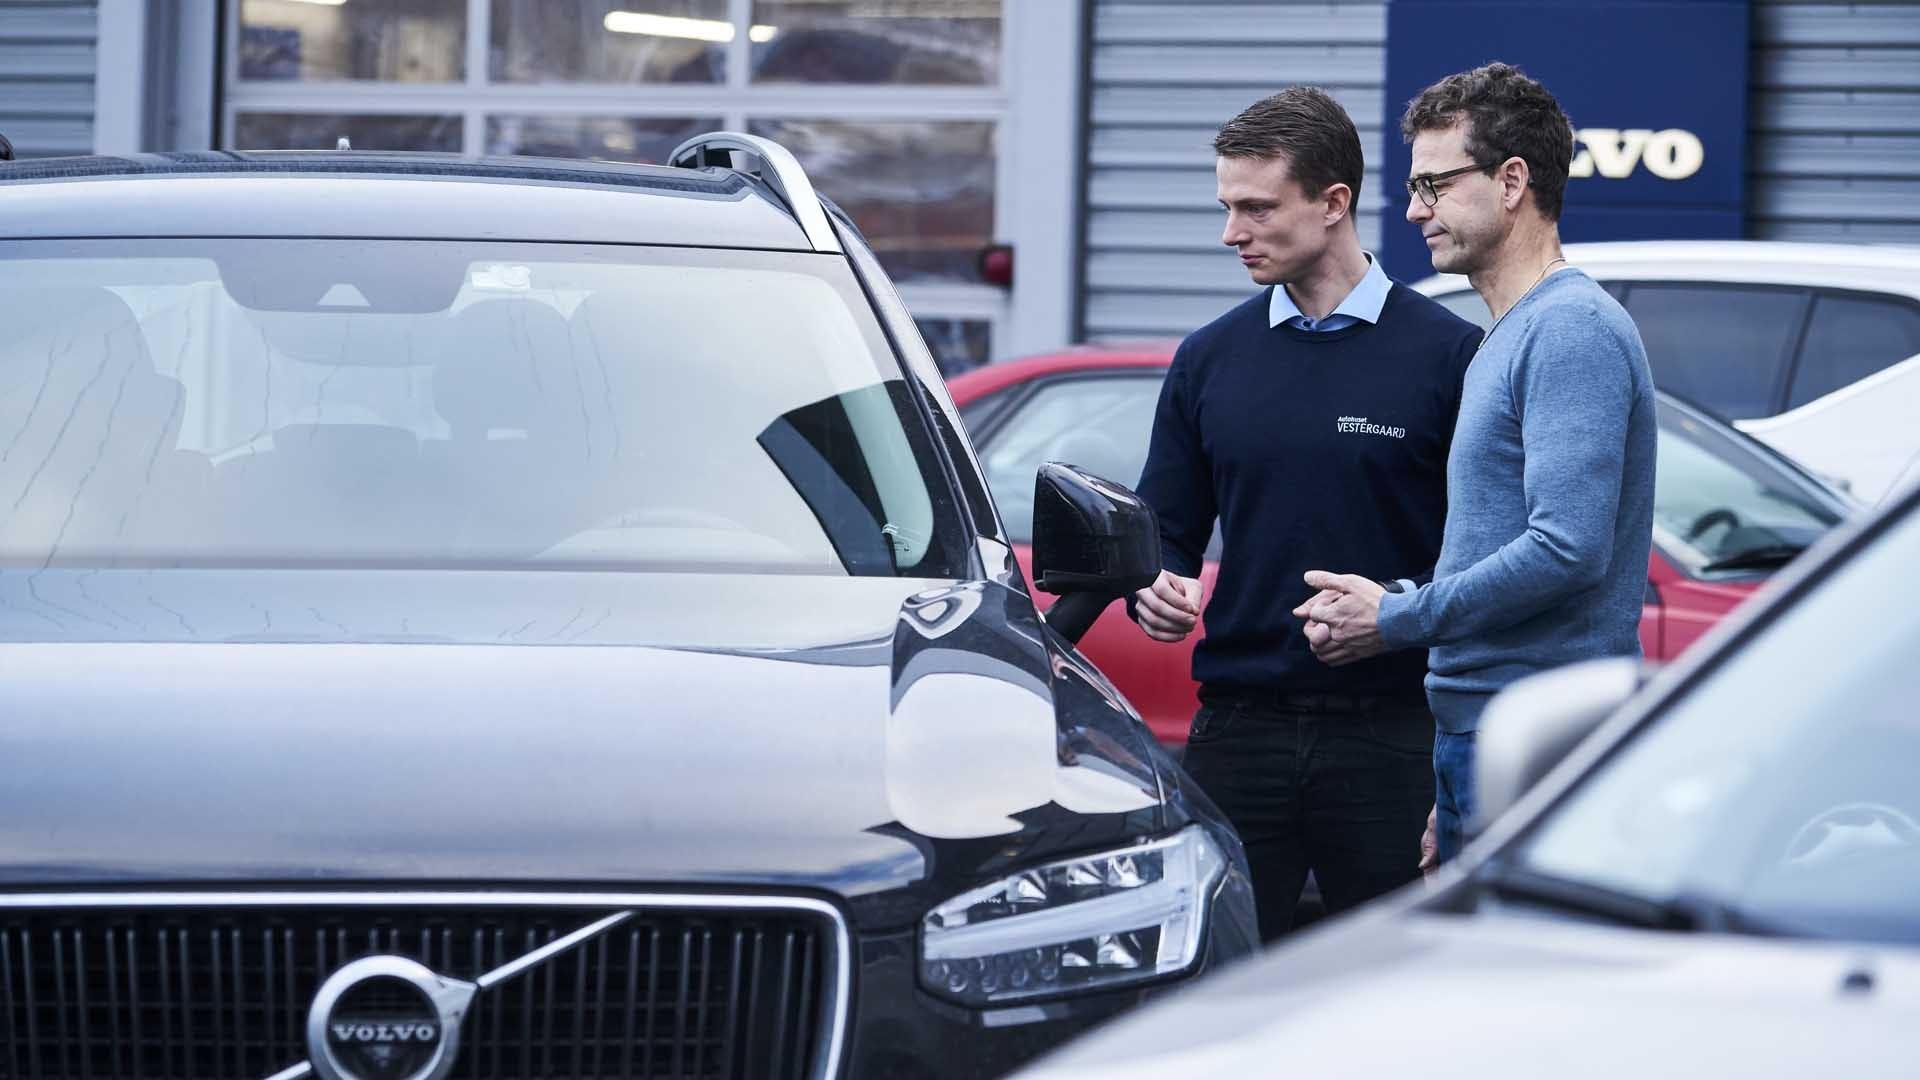 Sælger snakker med kunde foran bil